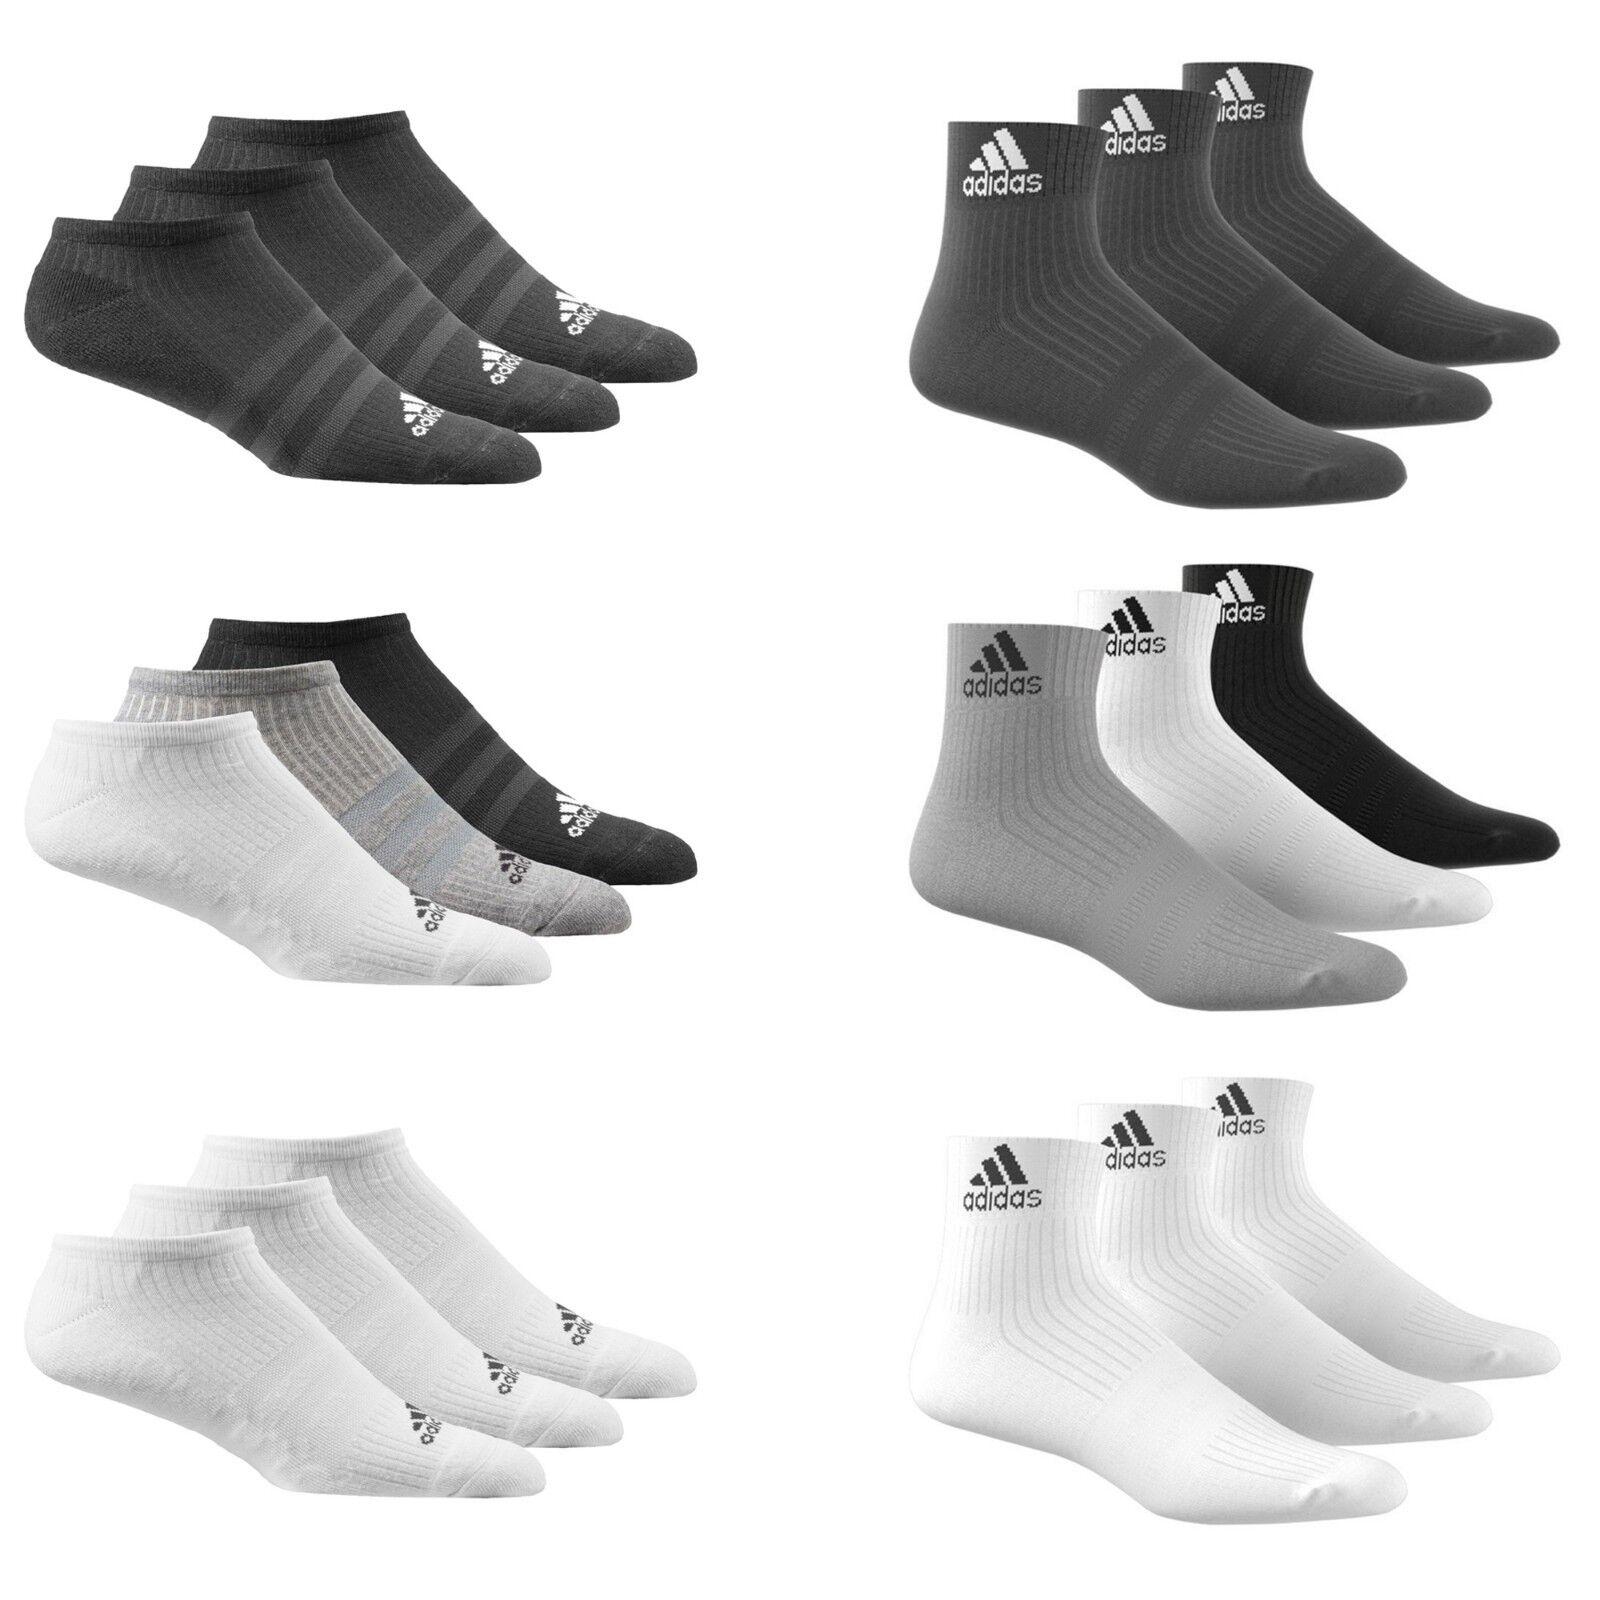 Adidas Socken 3 Paar Herren Damen Baumwolle Ankle Liner viertel Sport Größen UK